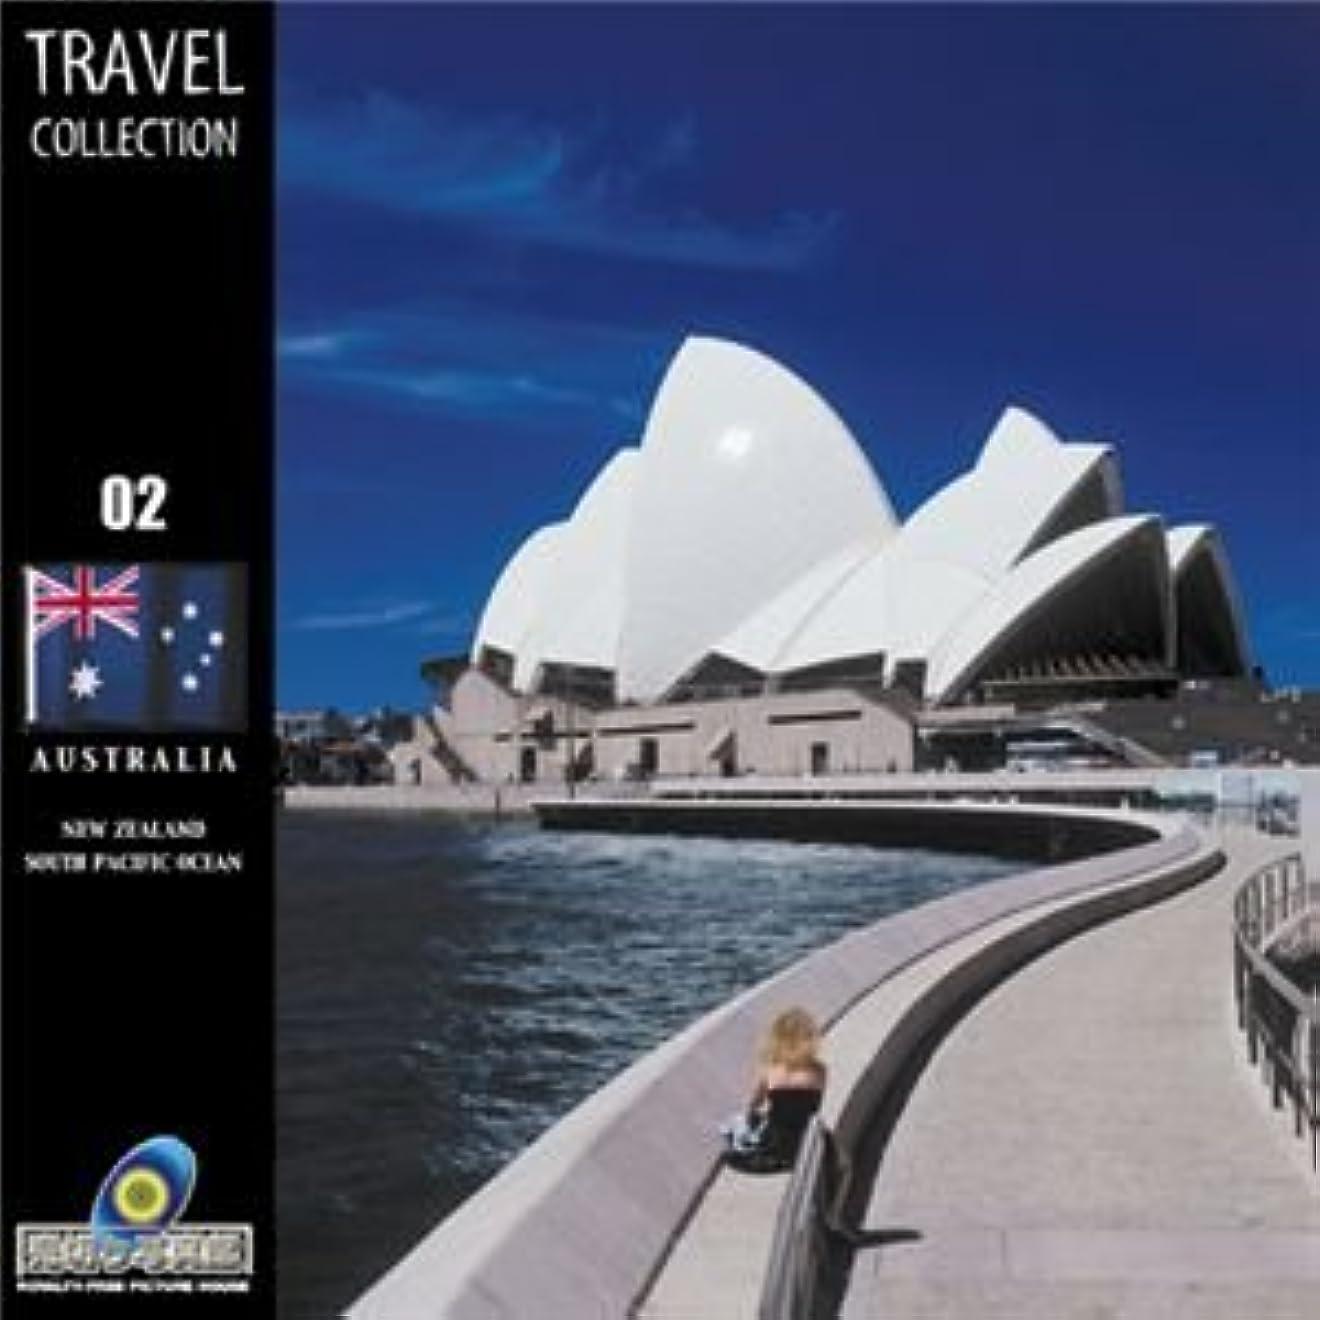 サラダ日食無許可写真素材 Travel Collection Vol.002 オーストラリア